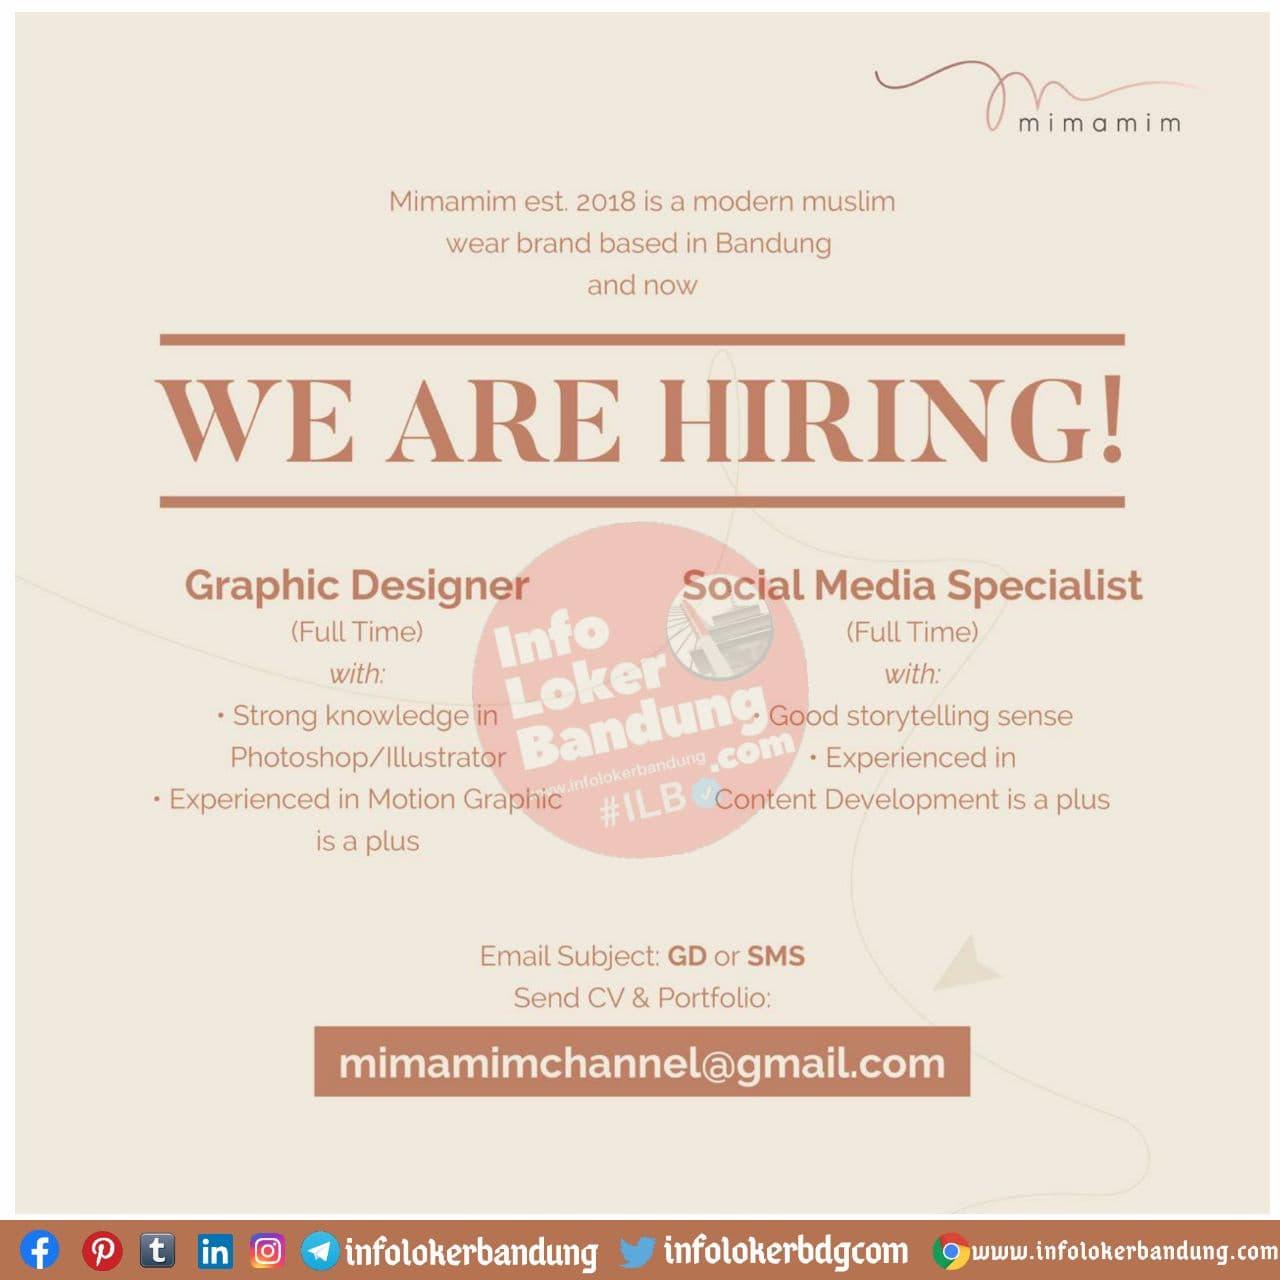 Lowongan Kerja Graphic Designer & Social Media Specialist Mimamim Bandung November 2020